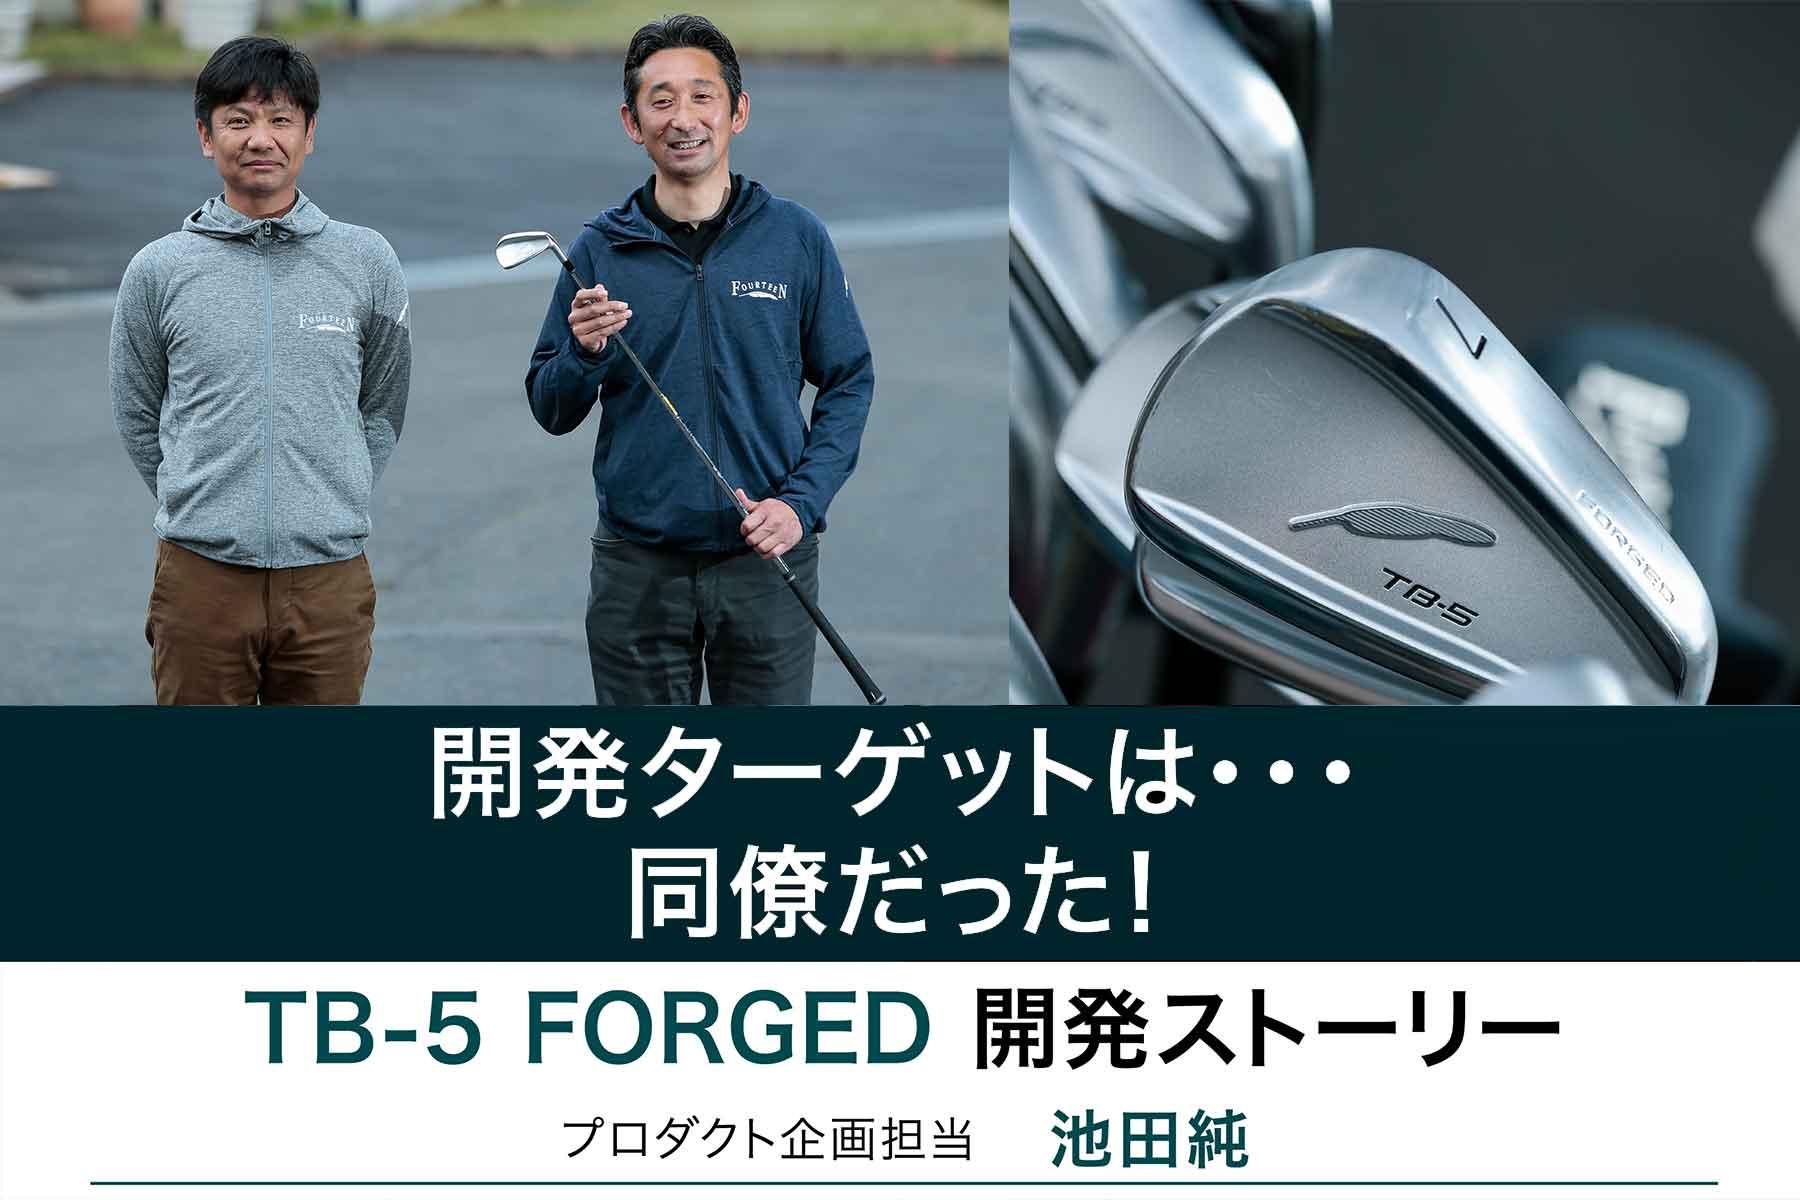 【TB-5】開発ターゲットは・・・ 同僚だった!【FORGED】